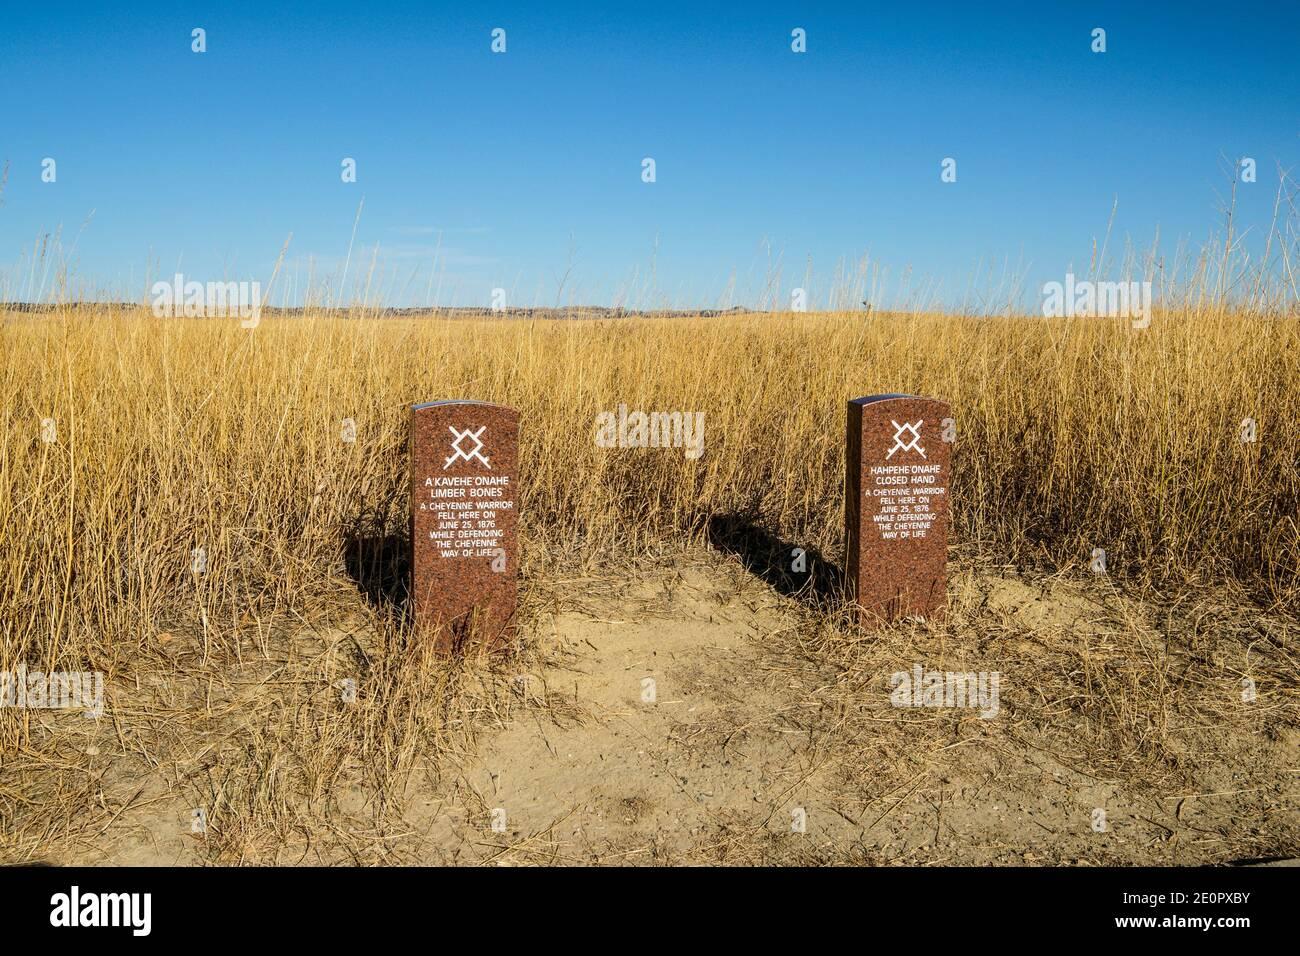 Pierres de tête de guerrier Cheyenne. Monument national du champ de bataille de Little Bighorn. Crow Agency, Montana, U. S. A. , Amérique du Nord. Banque D'Images